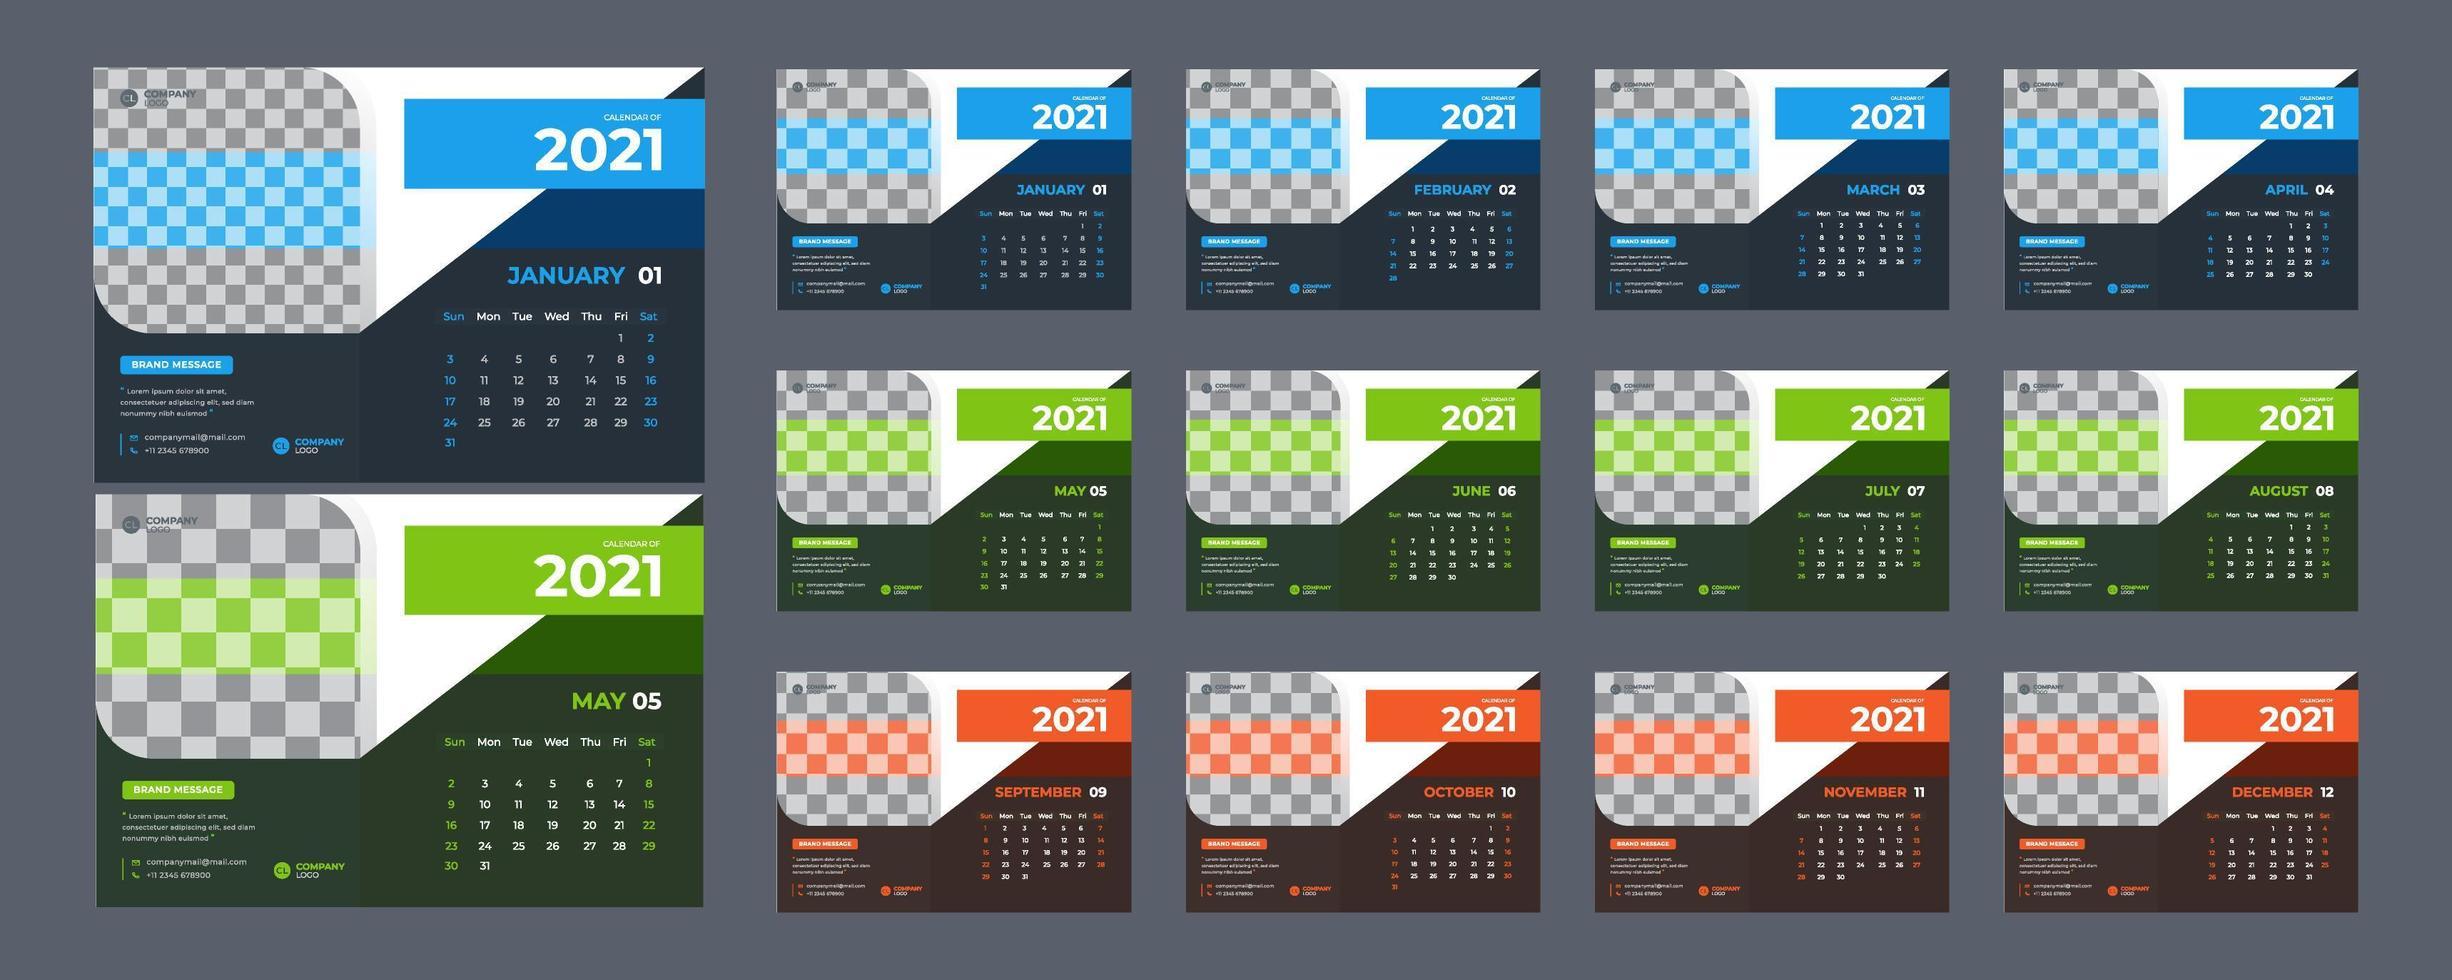 moderner 3-Farben-Tischkalender für 2021 vektor